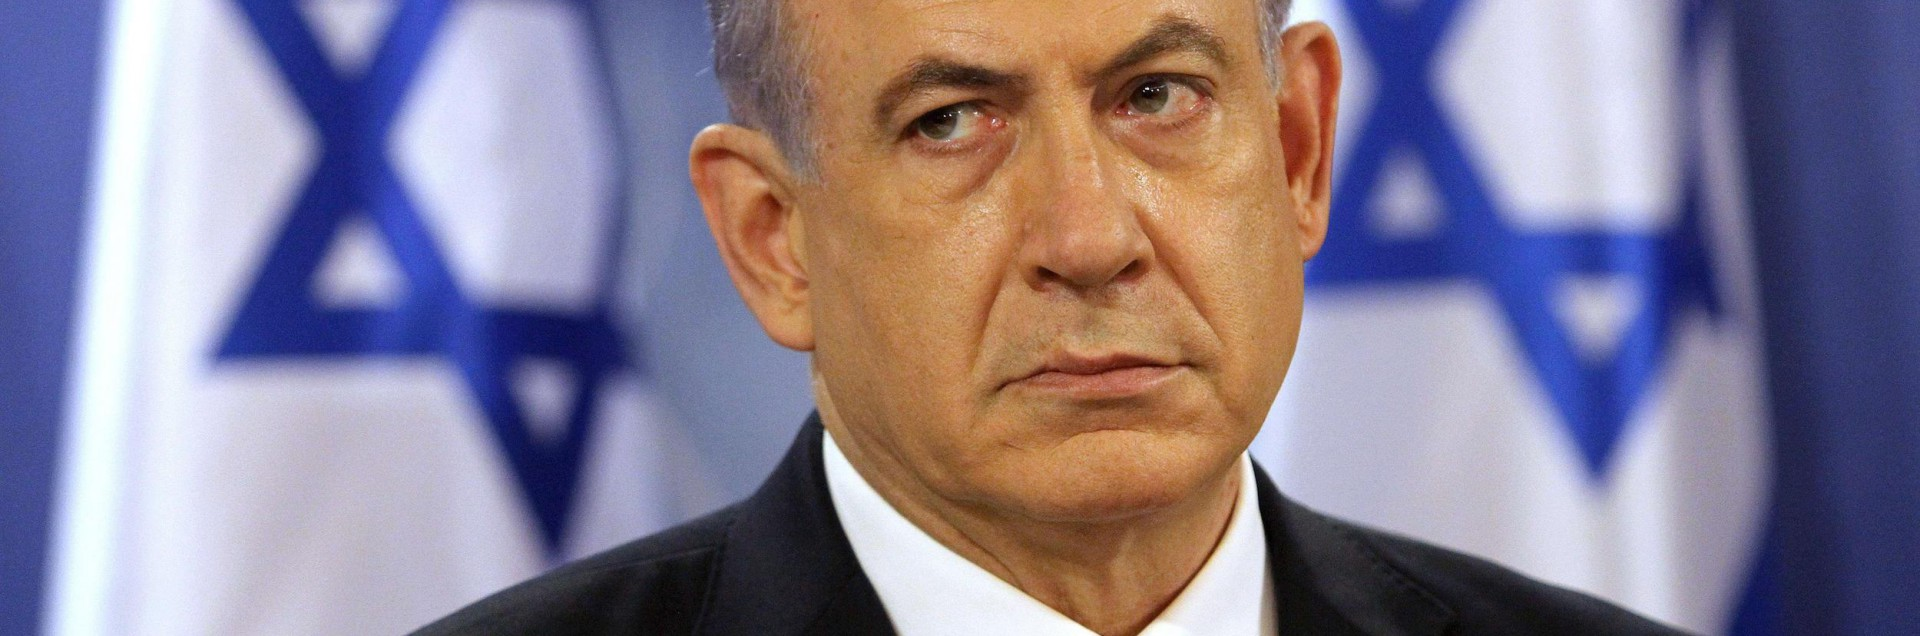 """L'ex capo dei servizi segreti rivela: <br>""""Netanyahu ha vinto, Israele perso"""""""